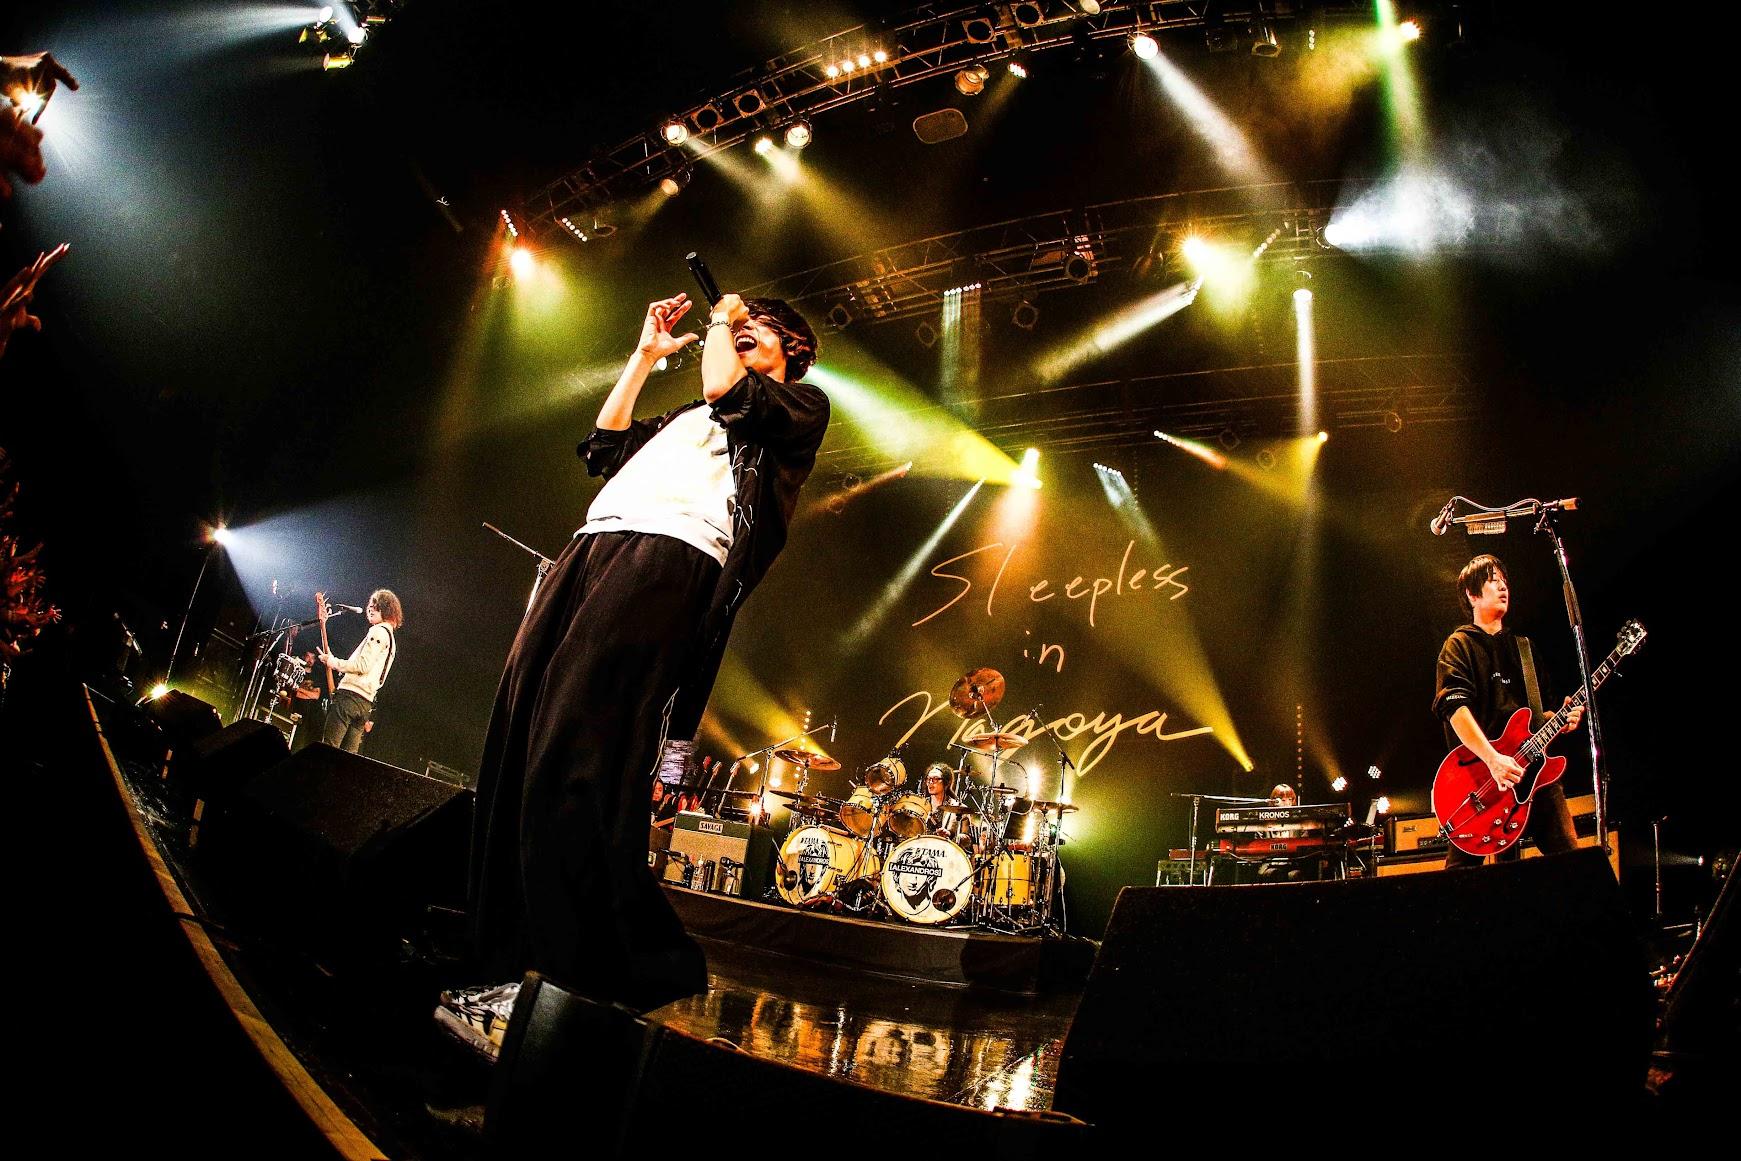 【迷迷現場】[ALEXANDROS] 樂團史上最大規模巡迴開跑 名古屋場完美落幕